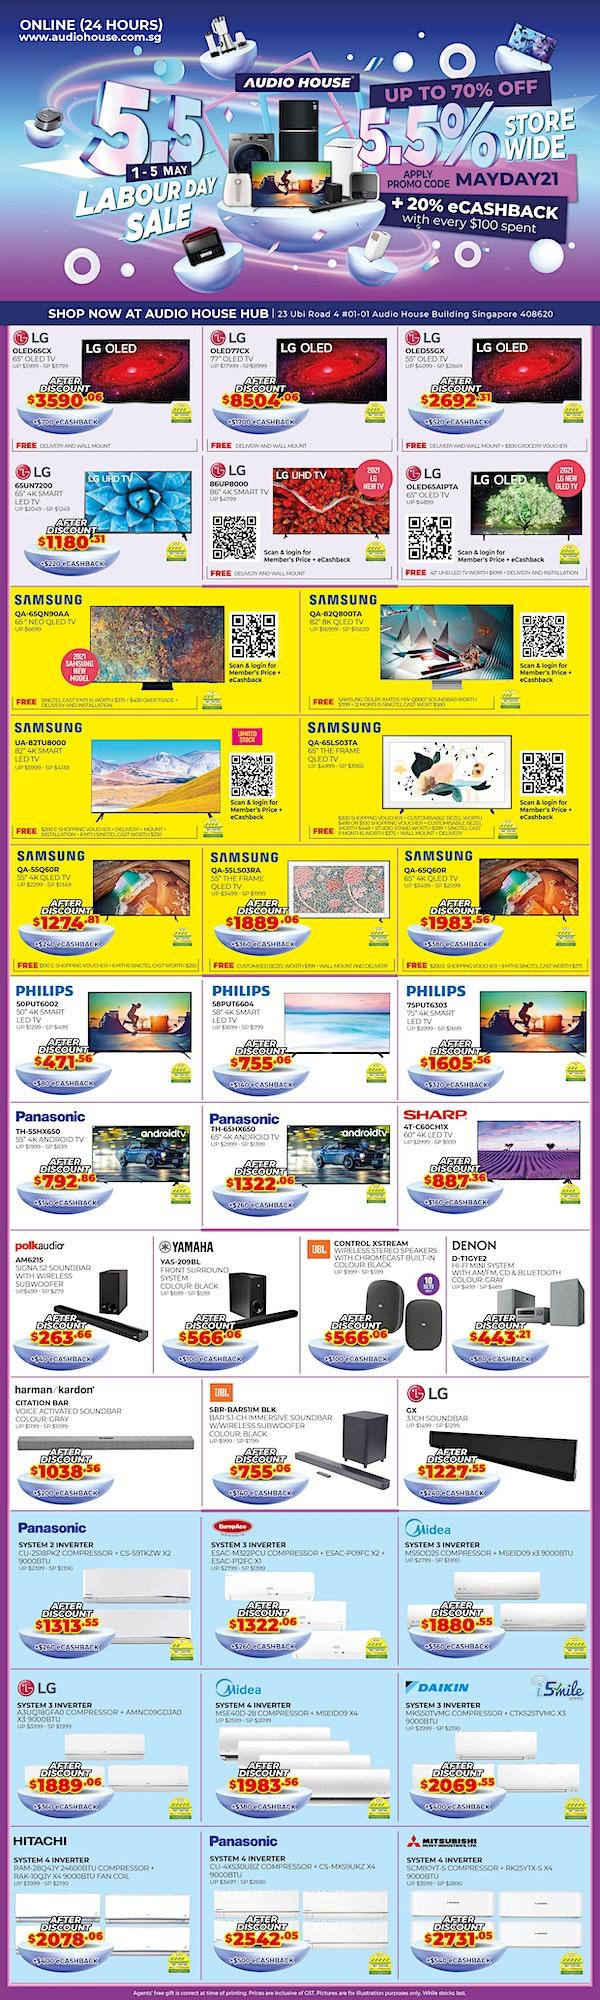 Audio House Mayday Sale image